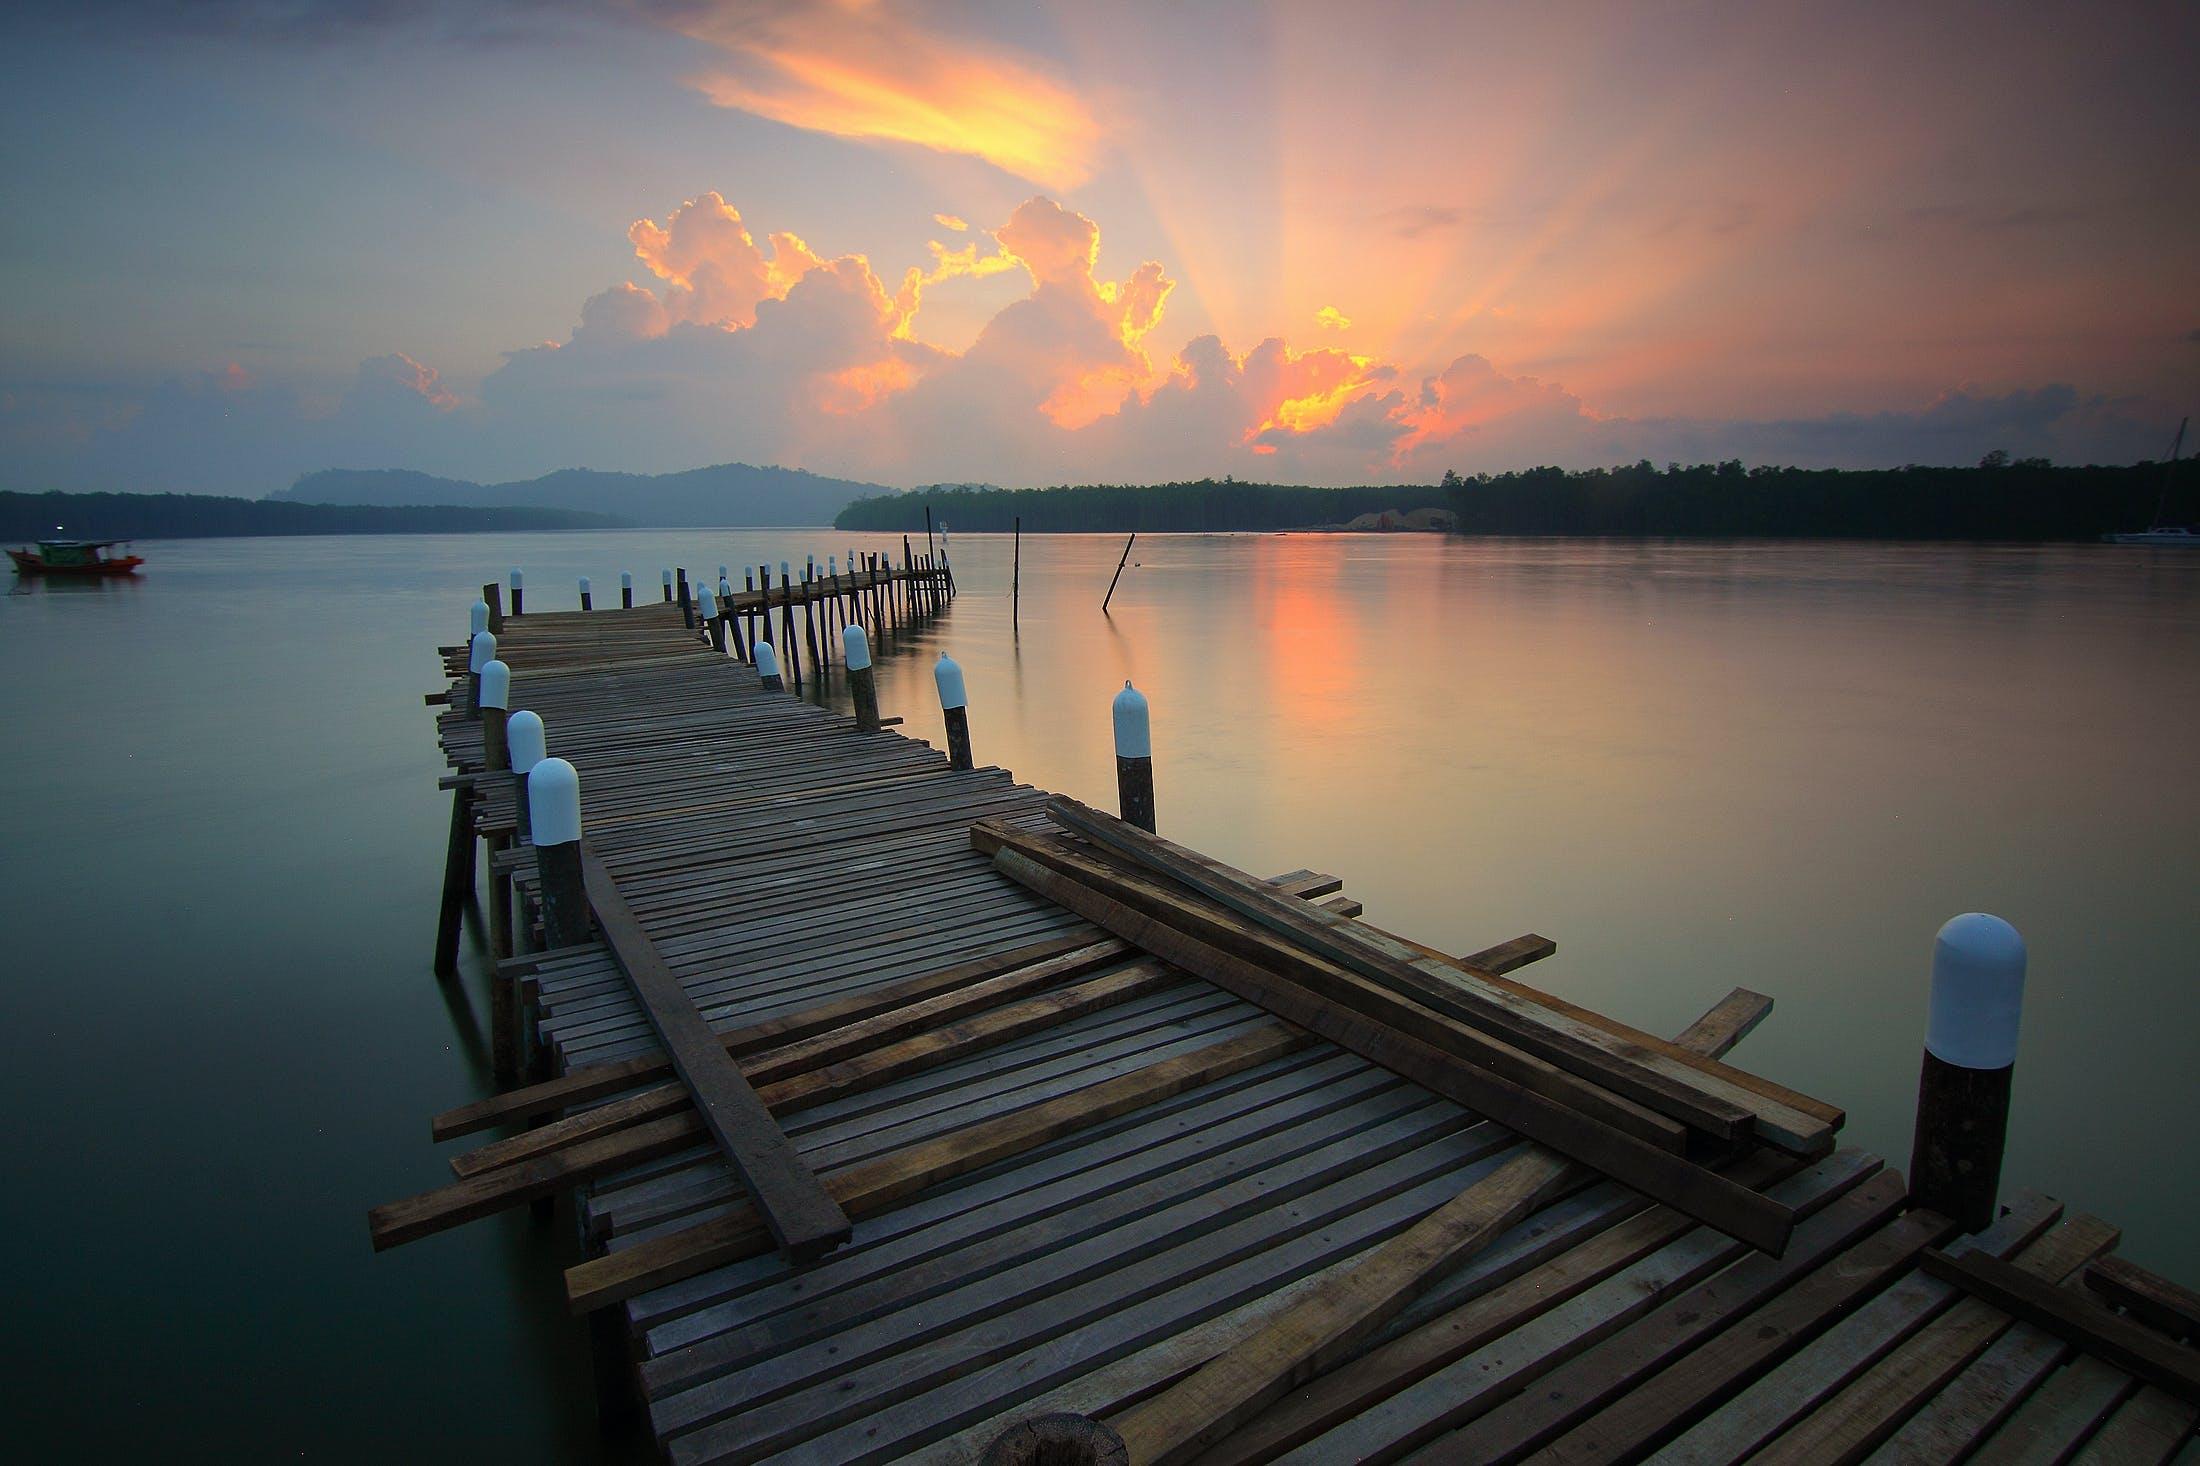 Foto profissional grátis de água, alvorecer, barco, céu